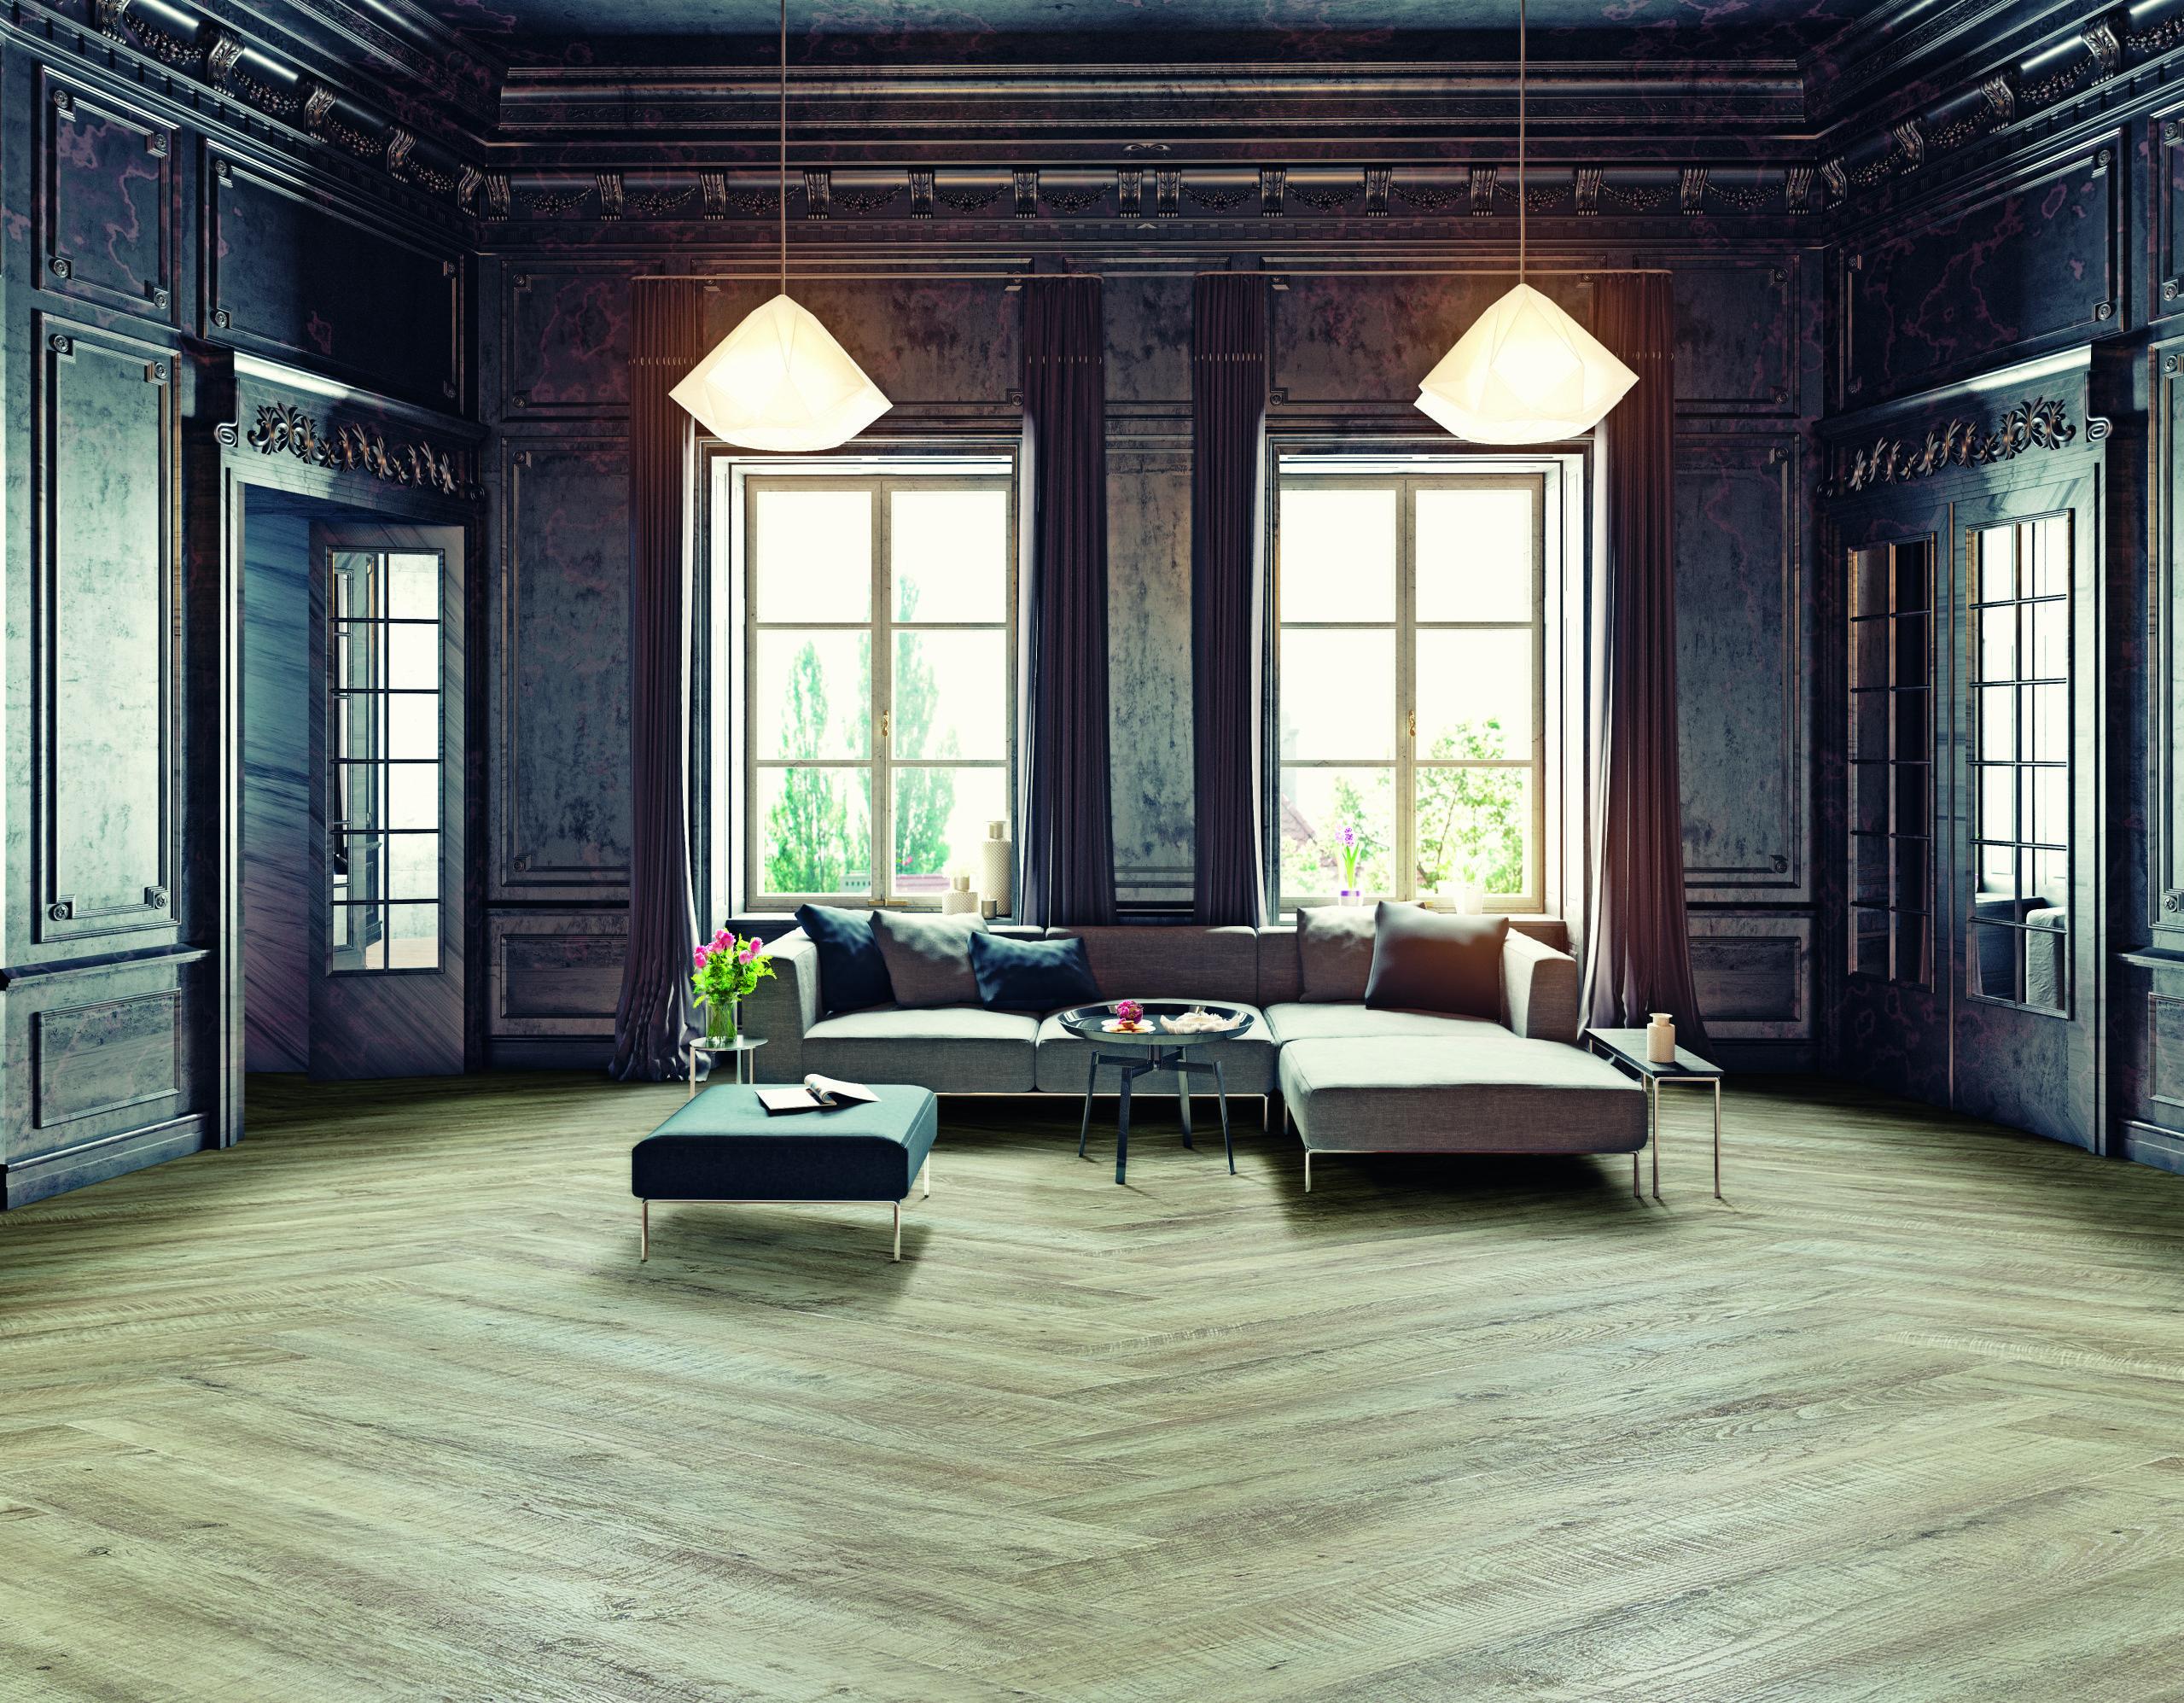 Pvc vloer pvc vloer woonkamer pvc vloer houtlook vloer